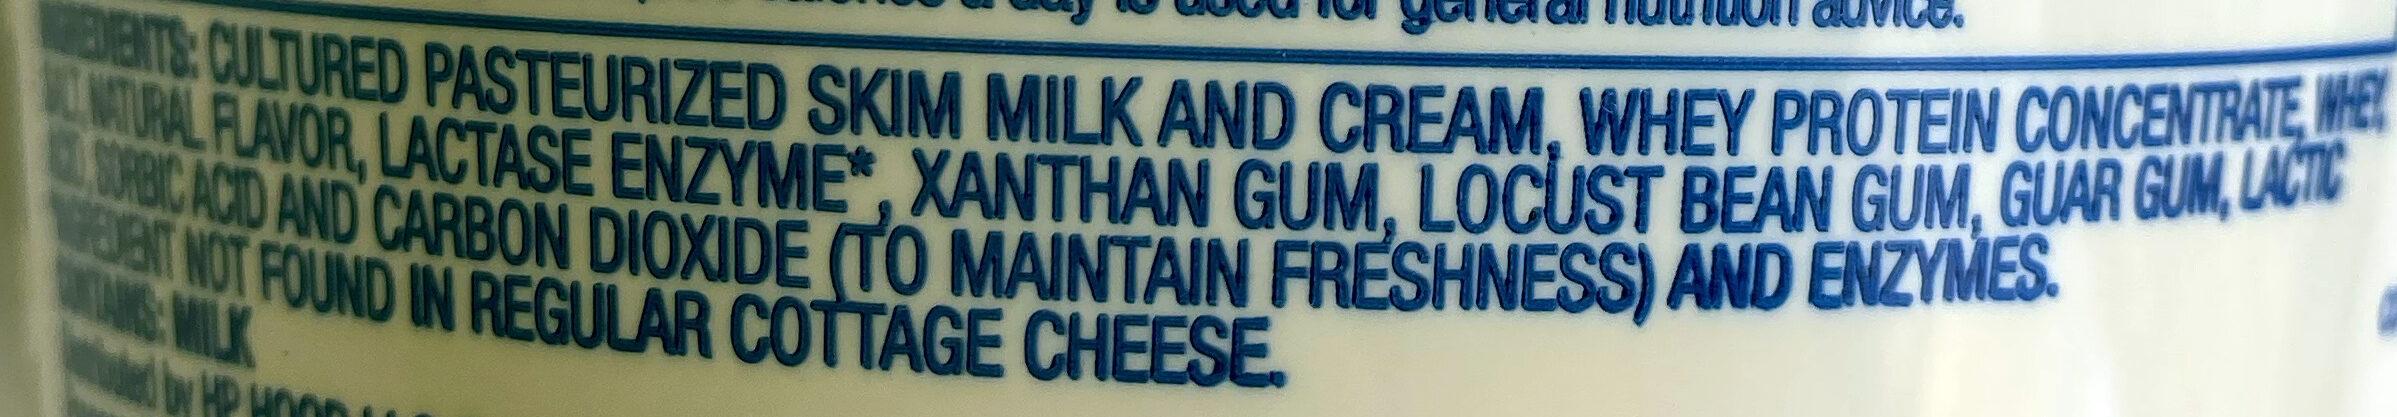 Cottage cheese - Ingredients - en